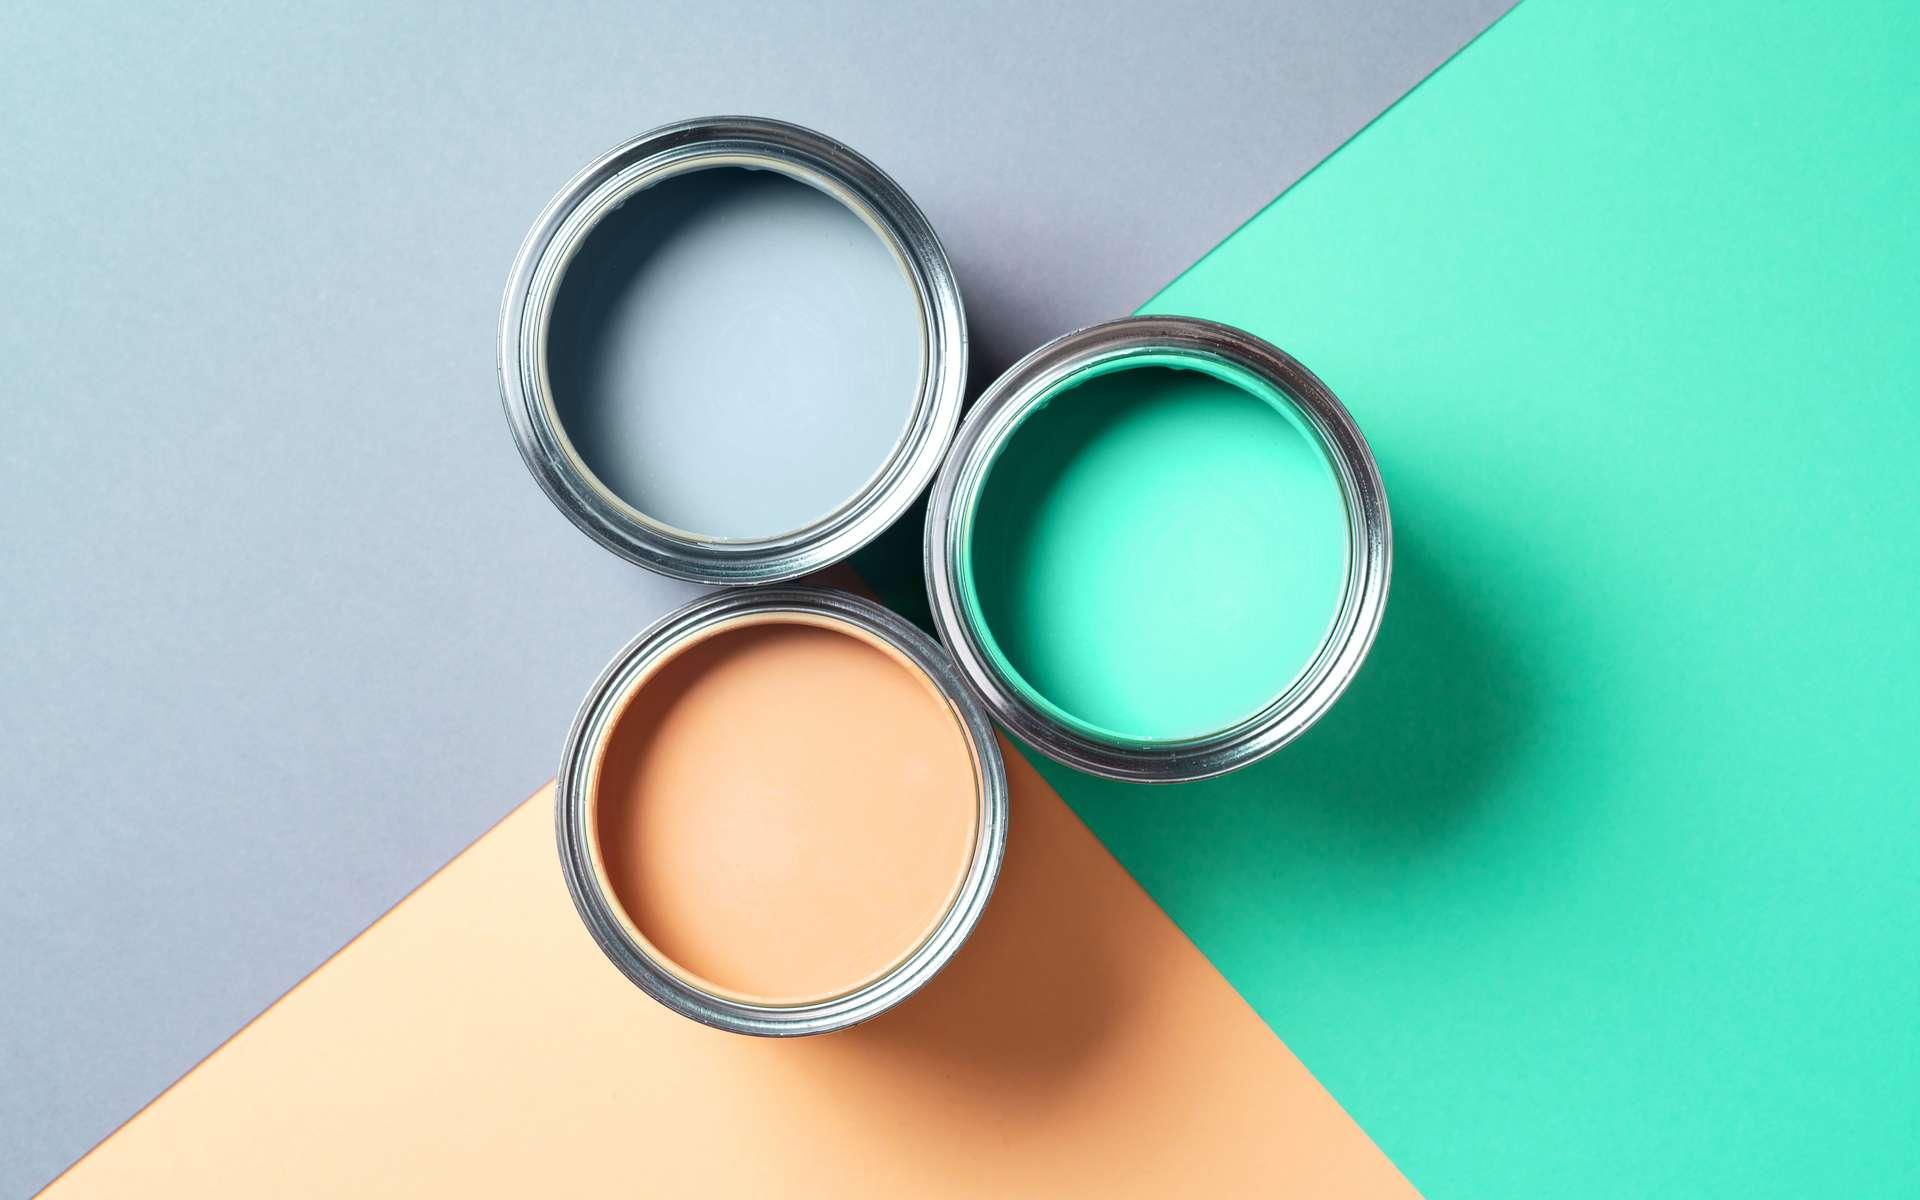 Le choix de la finition d'une peinture est une histoire de goût. © Jchizhe, Adobe Stock